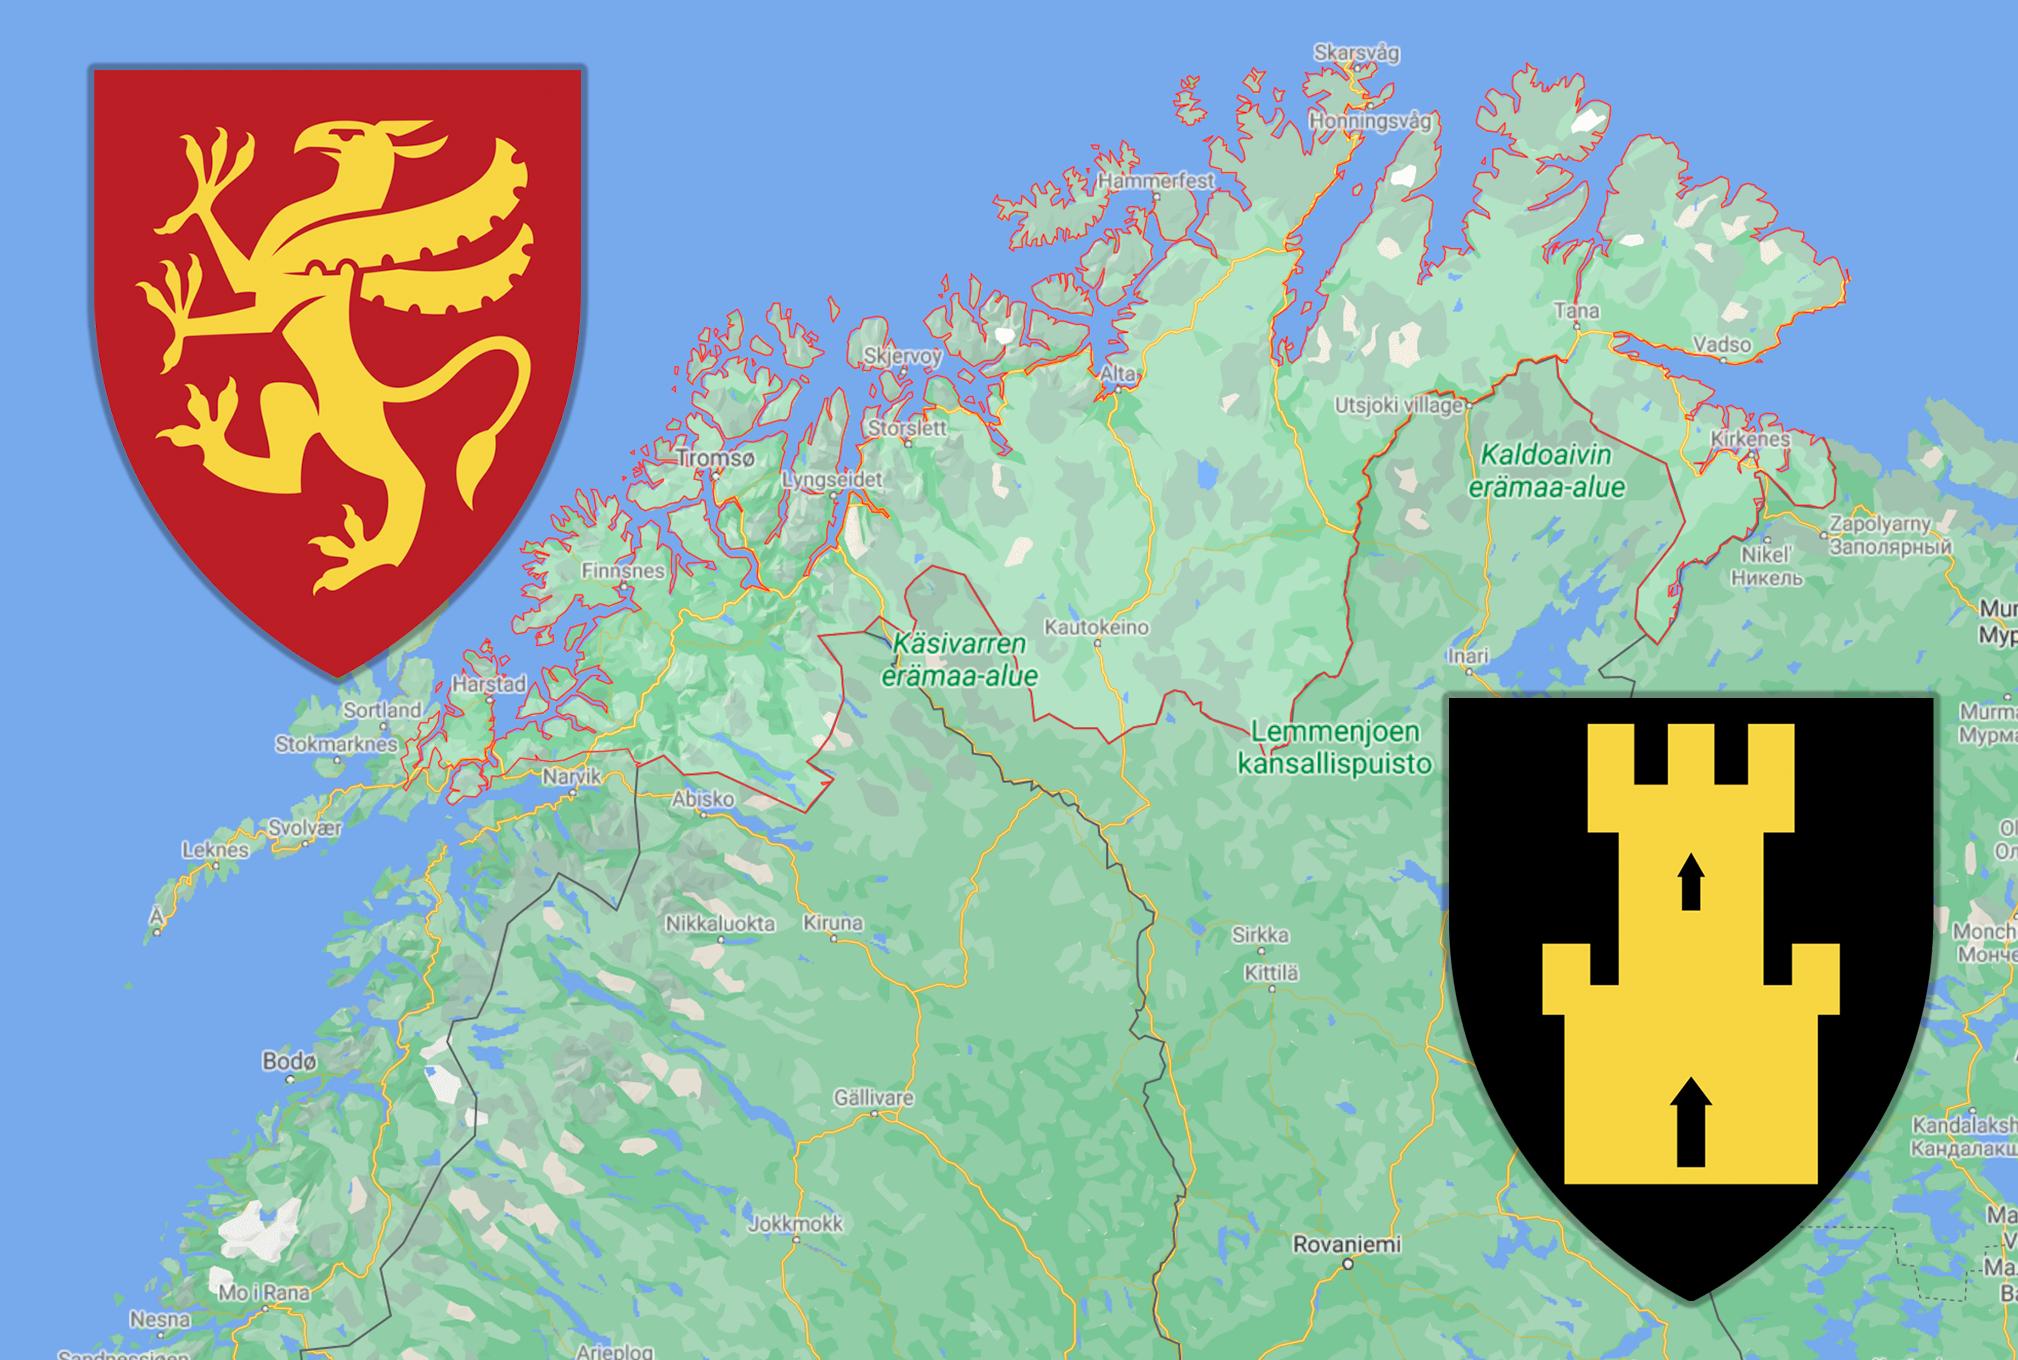 Fiber Troms og Finnmark